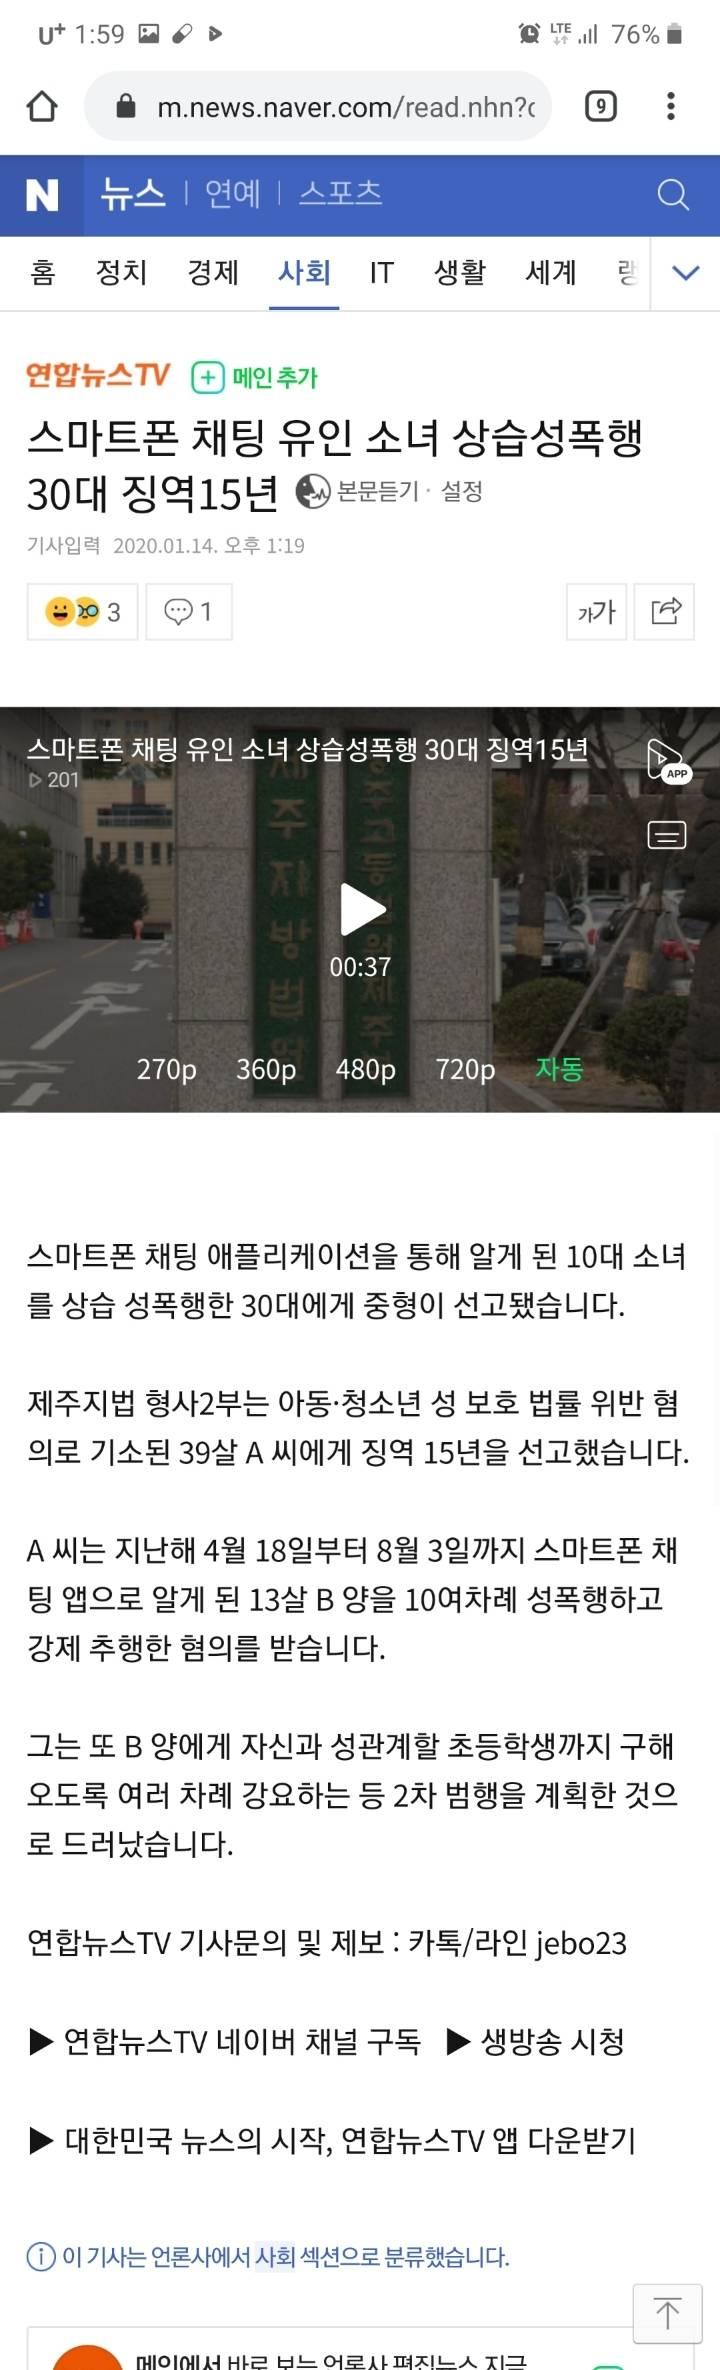 스마트폰 채팅 유인 소녀 상습성폭행 30대 징역15년 | 인스티즈